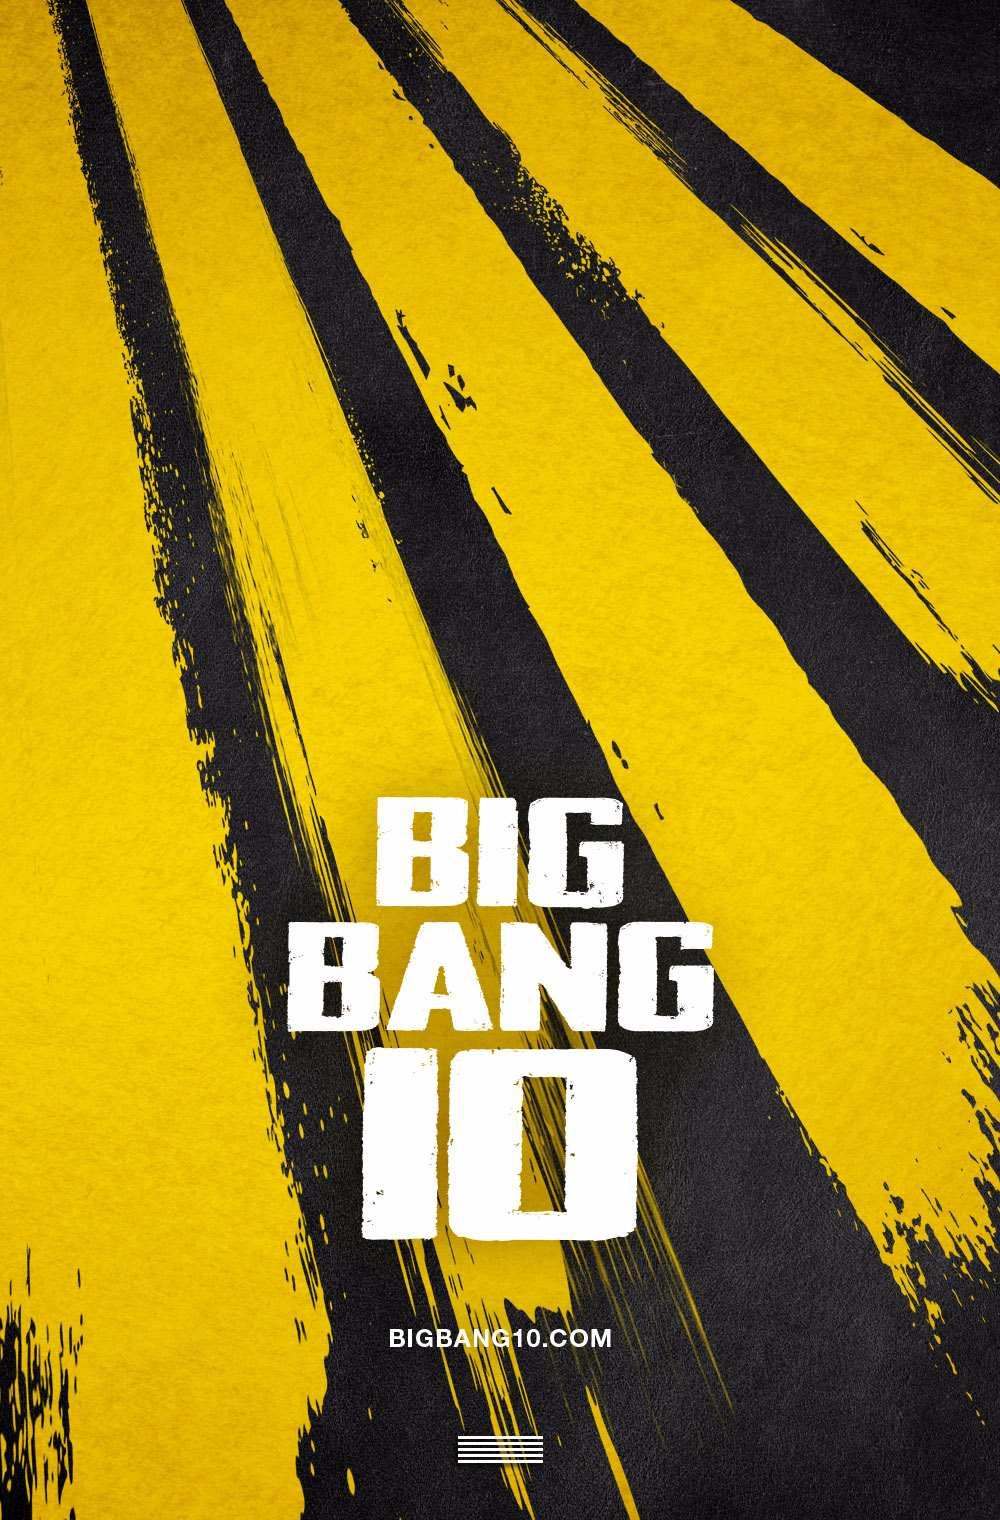 但是過了一年半載卻始終等不到BIGBANG的王者回歸 尤其是2016年剛好迎來出道10週年 同公司也已經有很多師弟師妹回歸 這讓許多粉絲更是著急!!!!!!!!!!